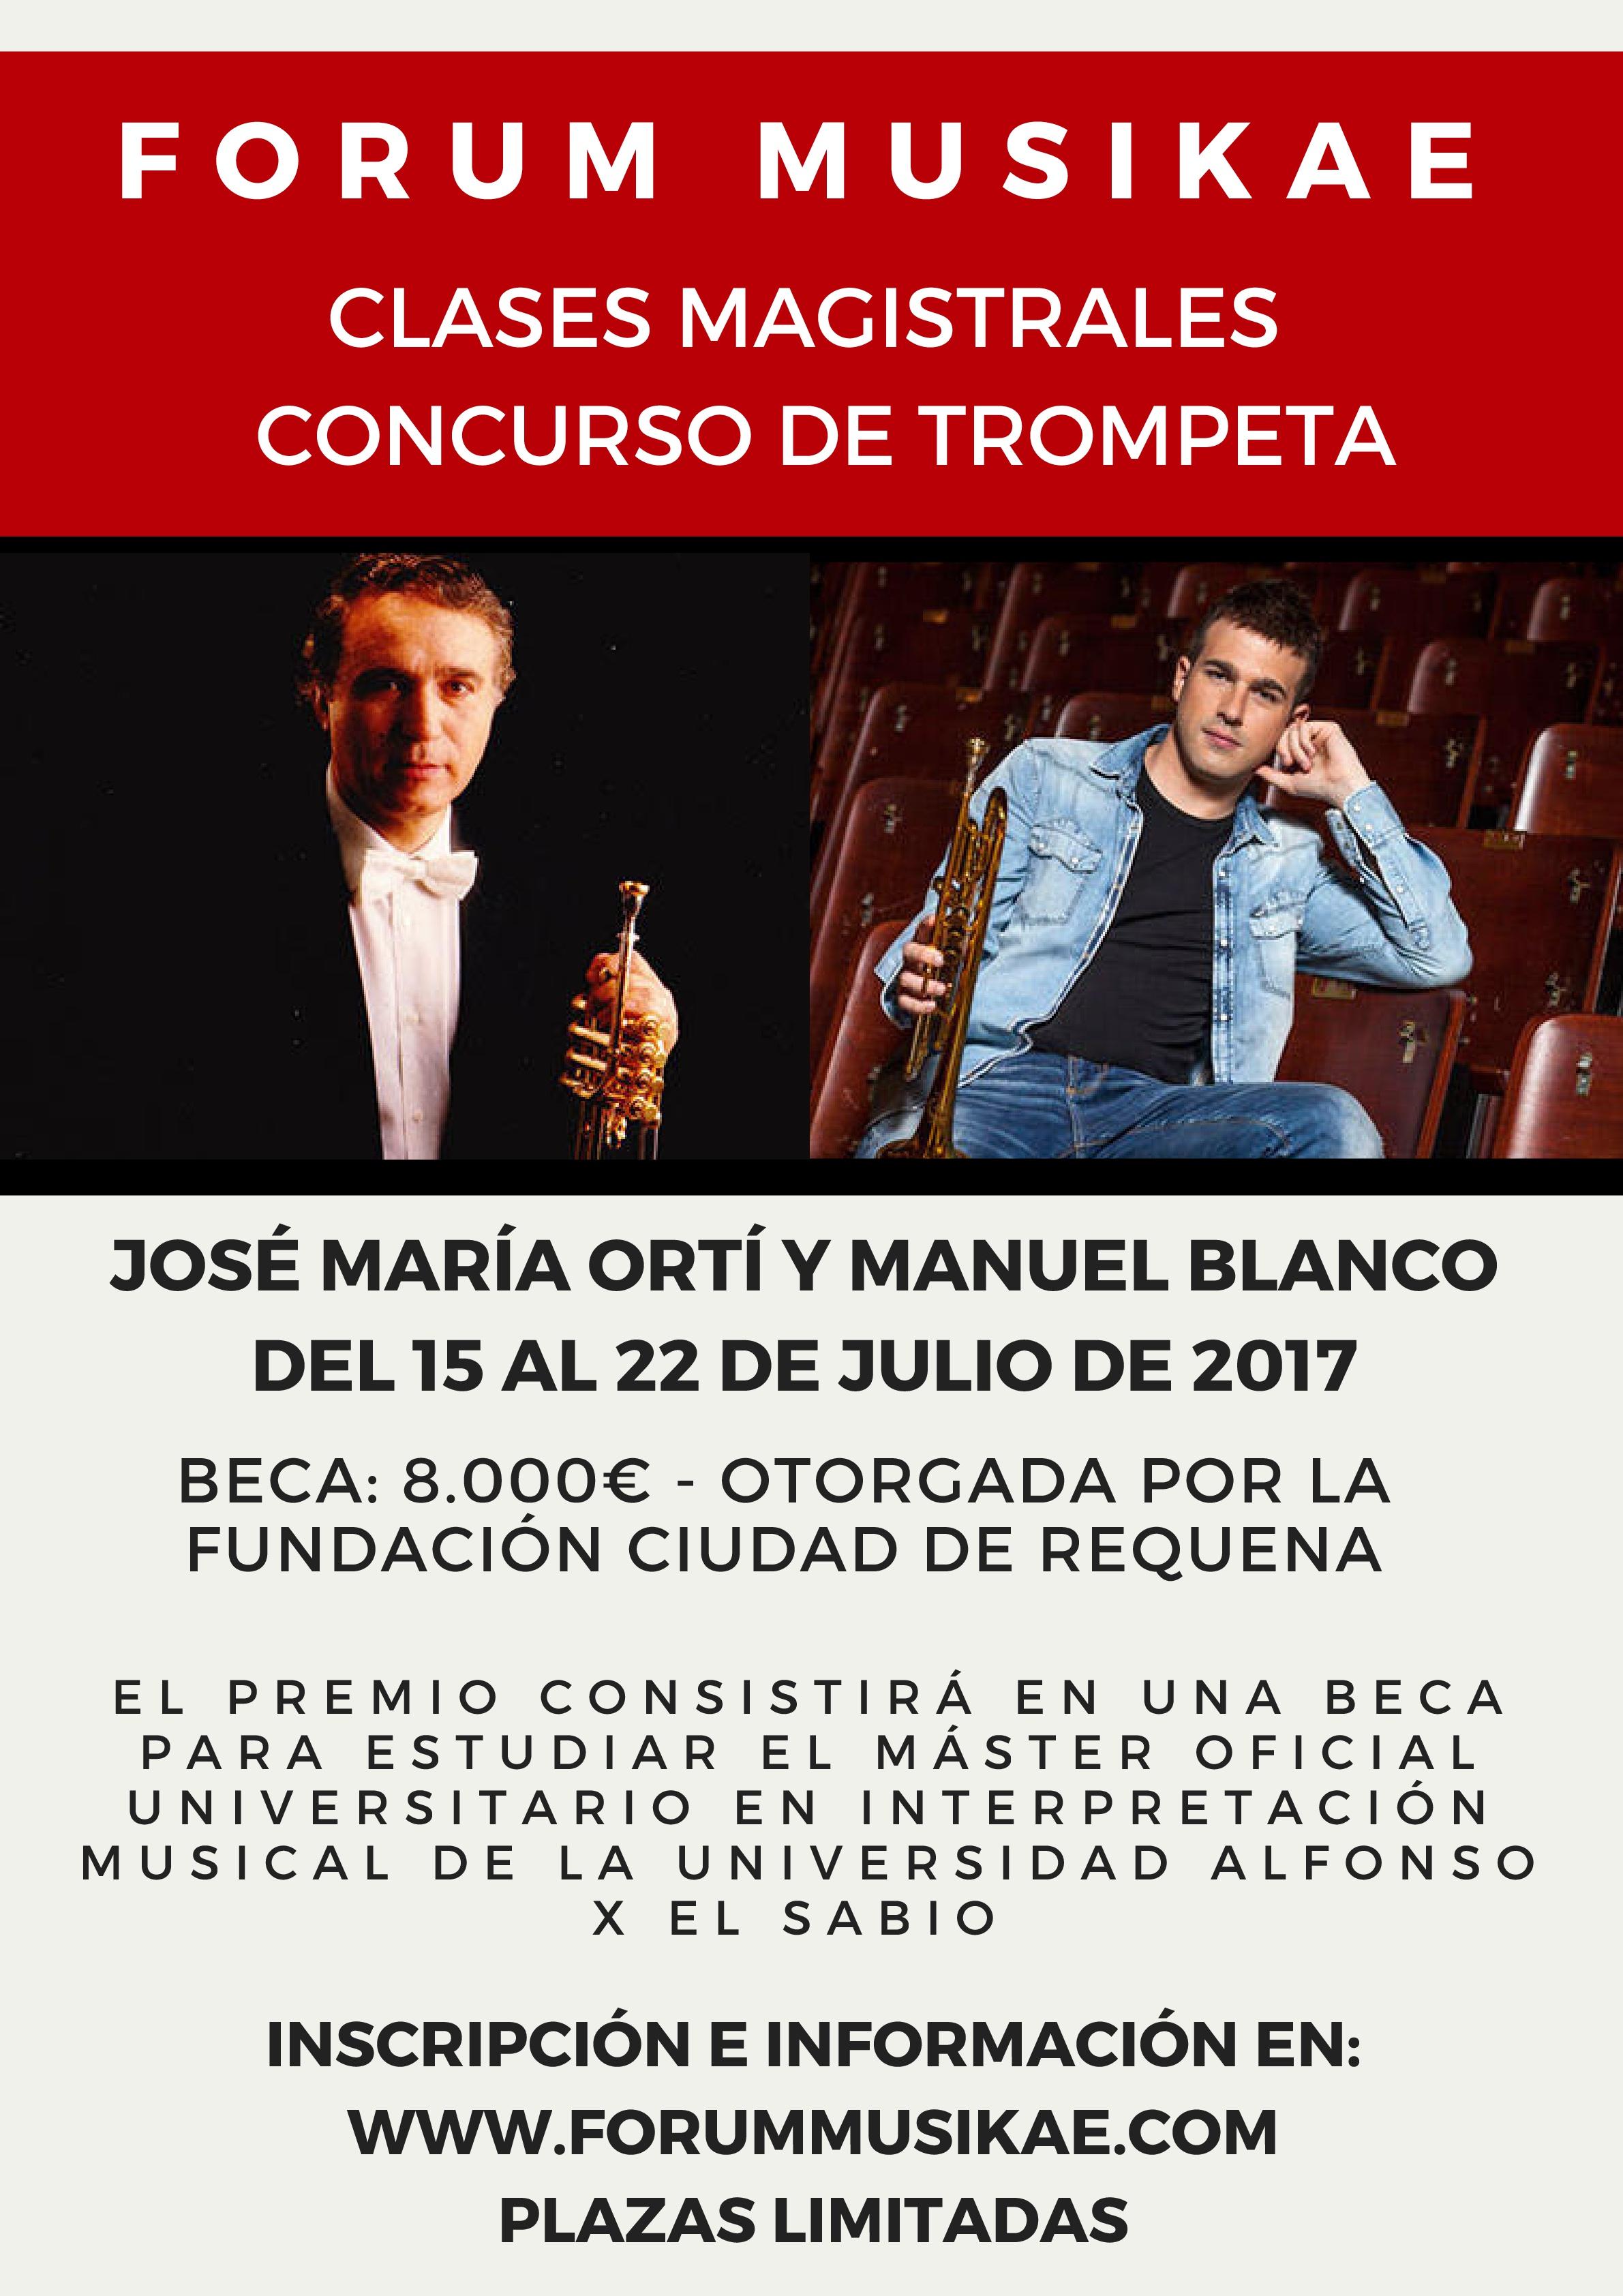 """La Fundación Ciudad de Requena ha firmado un convenio de colaboración con la Universidad Alfonso X el Sabio para la creación de una cátedra de trompeta """"Ciudad de Requena""""."""